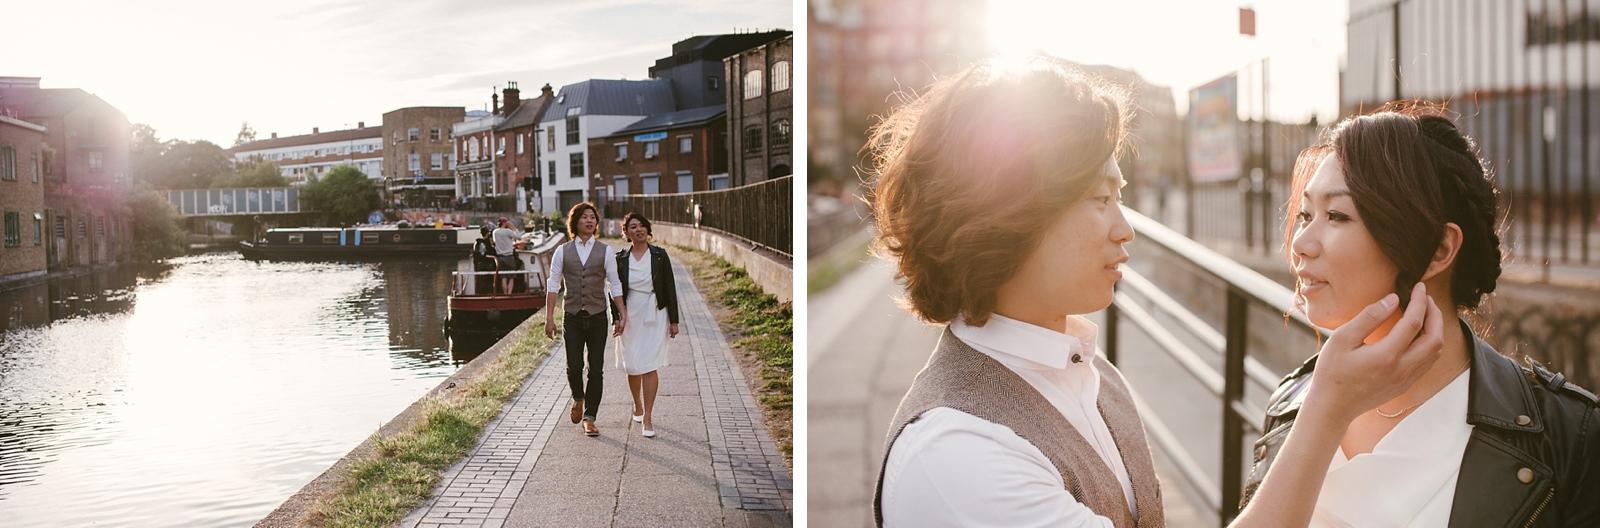 london-couple-shoot_0016